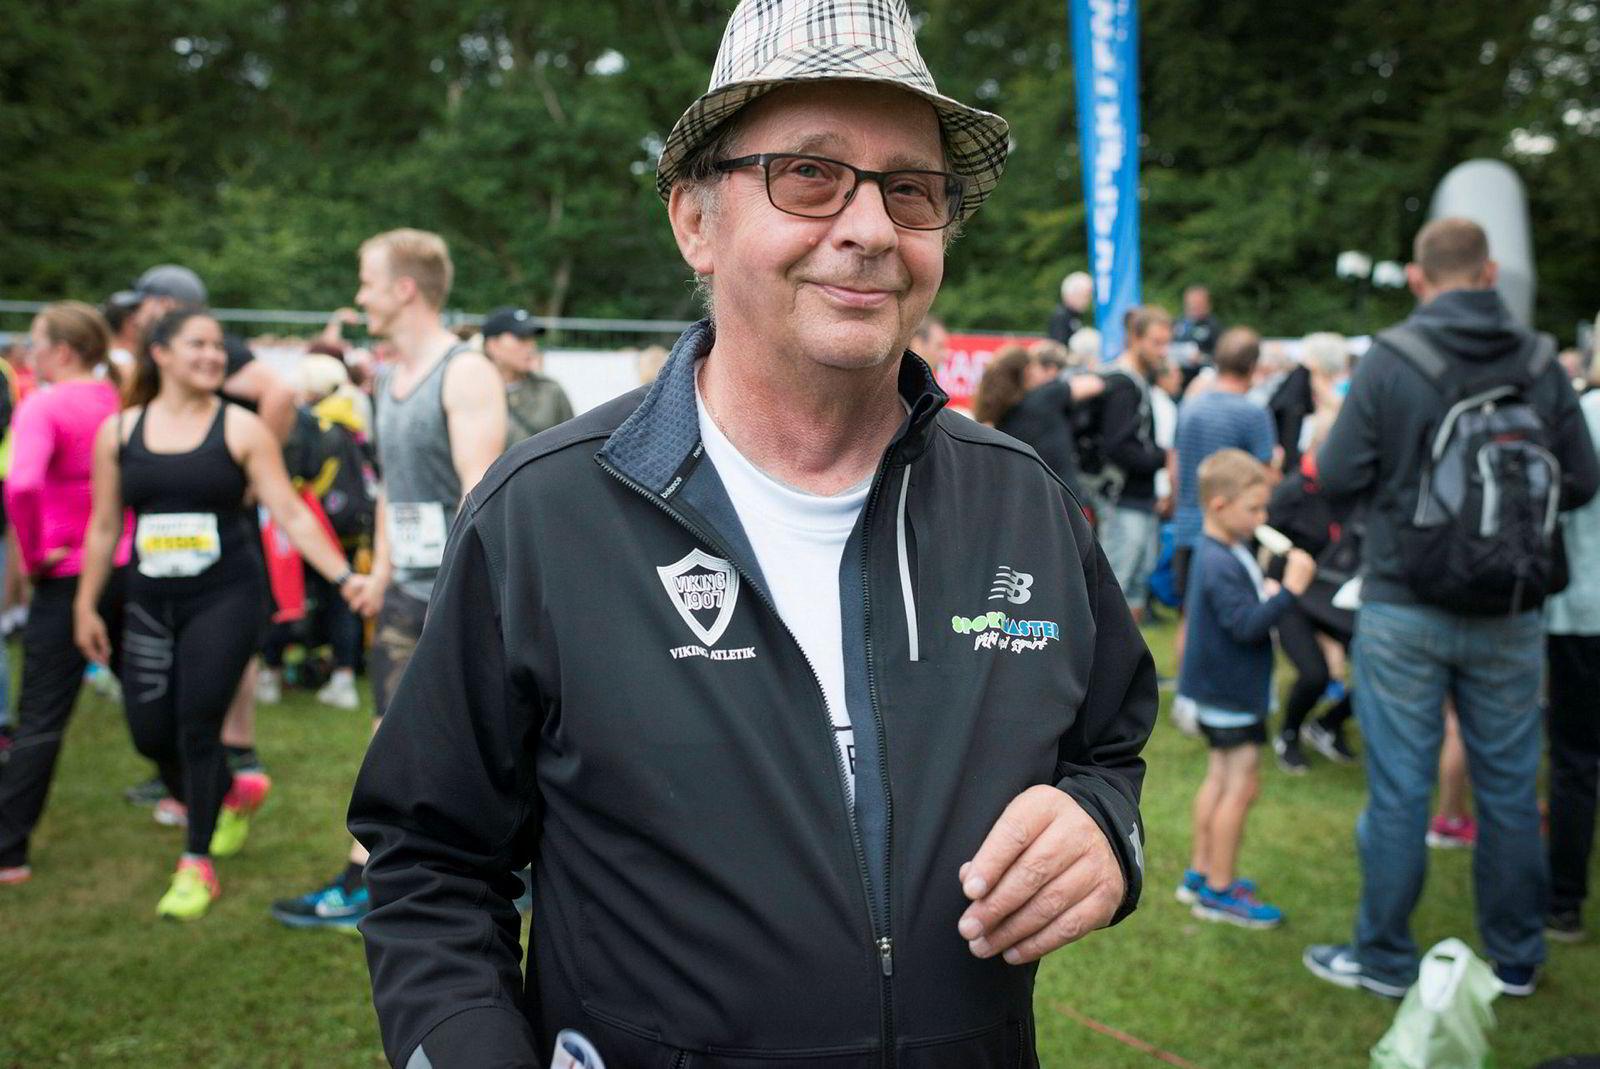 Jens Bager (68) er en av de drøyt 200 frivillige som holder Etape Bornholm i gang, for 24. gang i år.